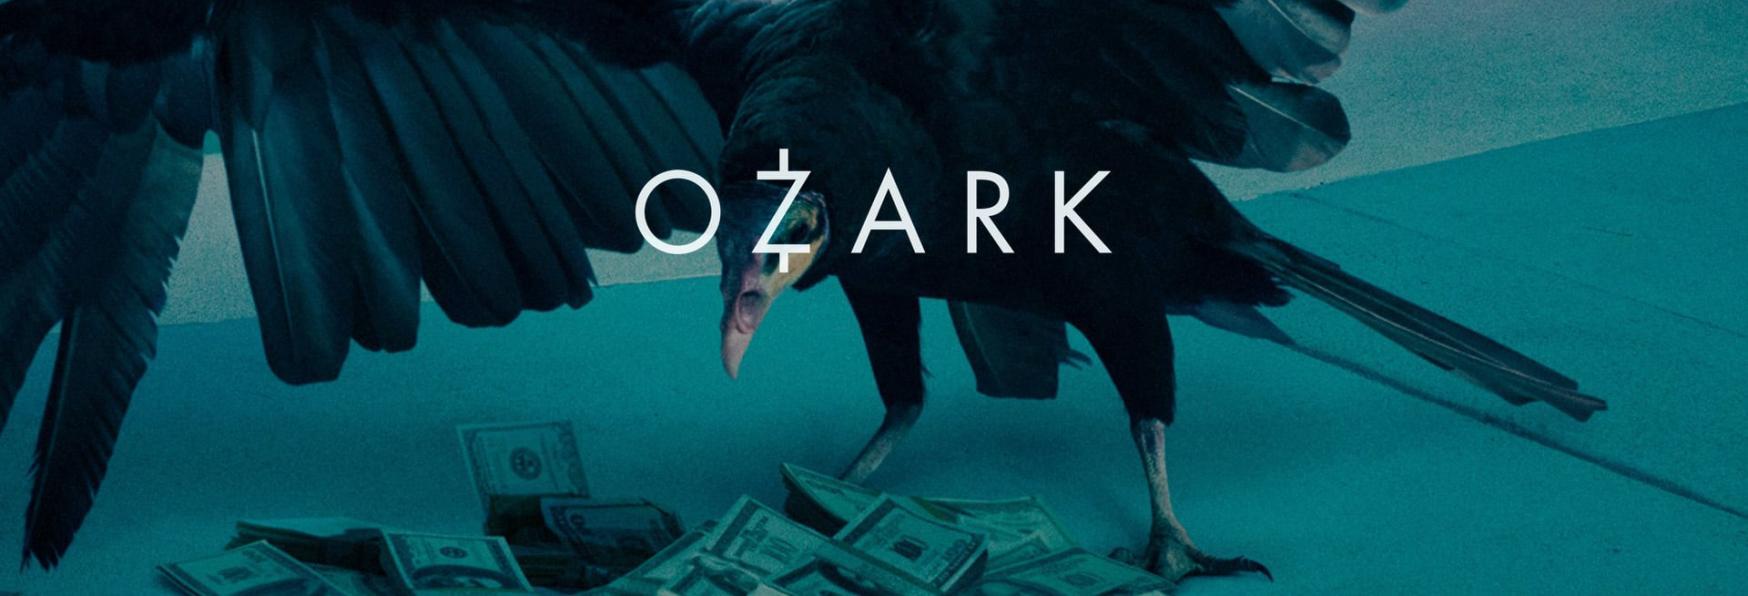 Ozark 3: Rilasciato il Trailer Ufficiale della nuova Stagione della Serie TV Netflix